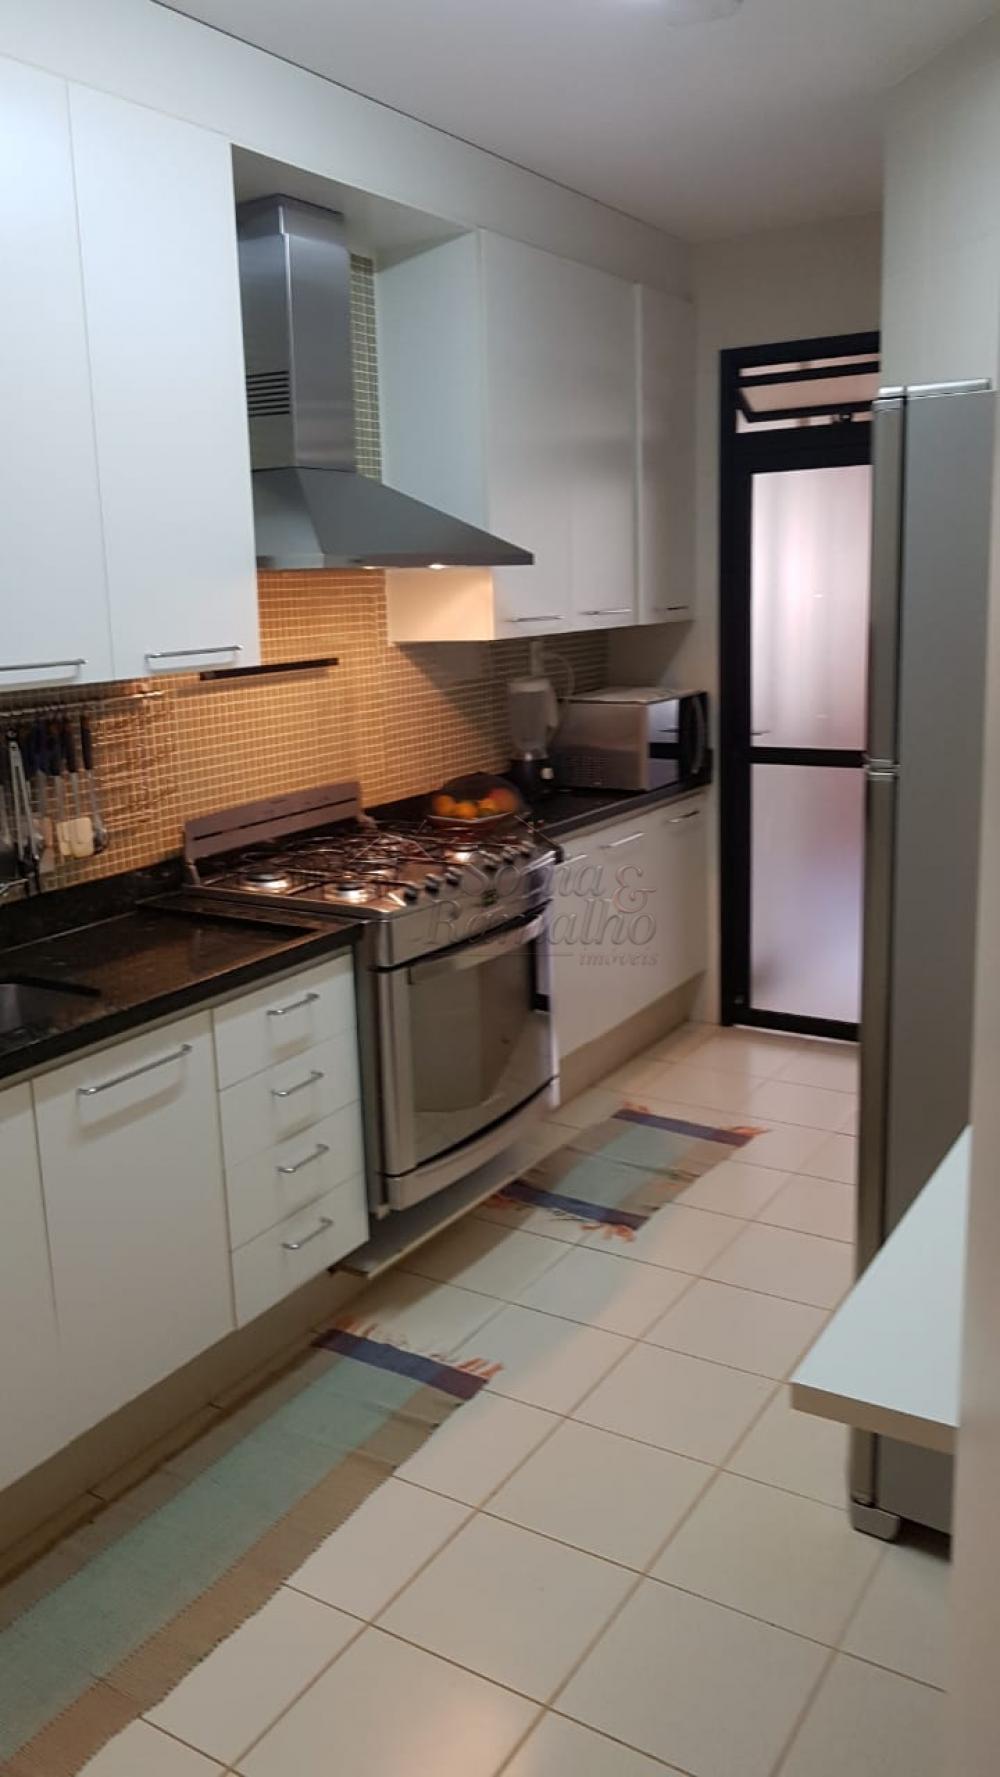 Comprar Apartamentos / Padrão em Ribeirão Preto apenas R$ 795.000,00 - Foto 17